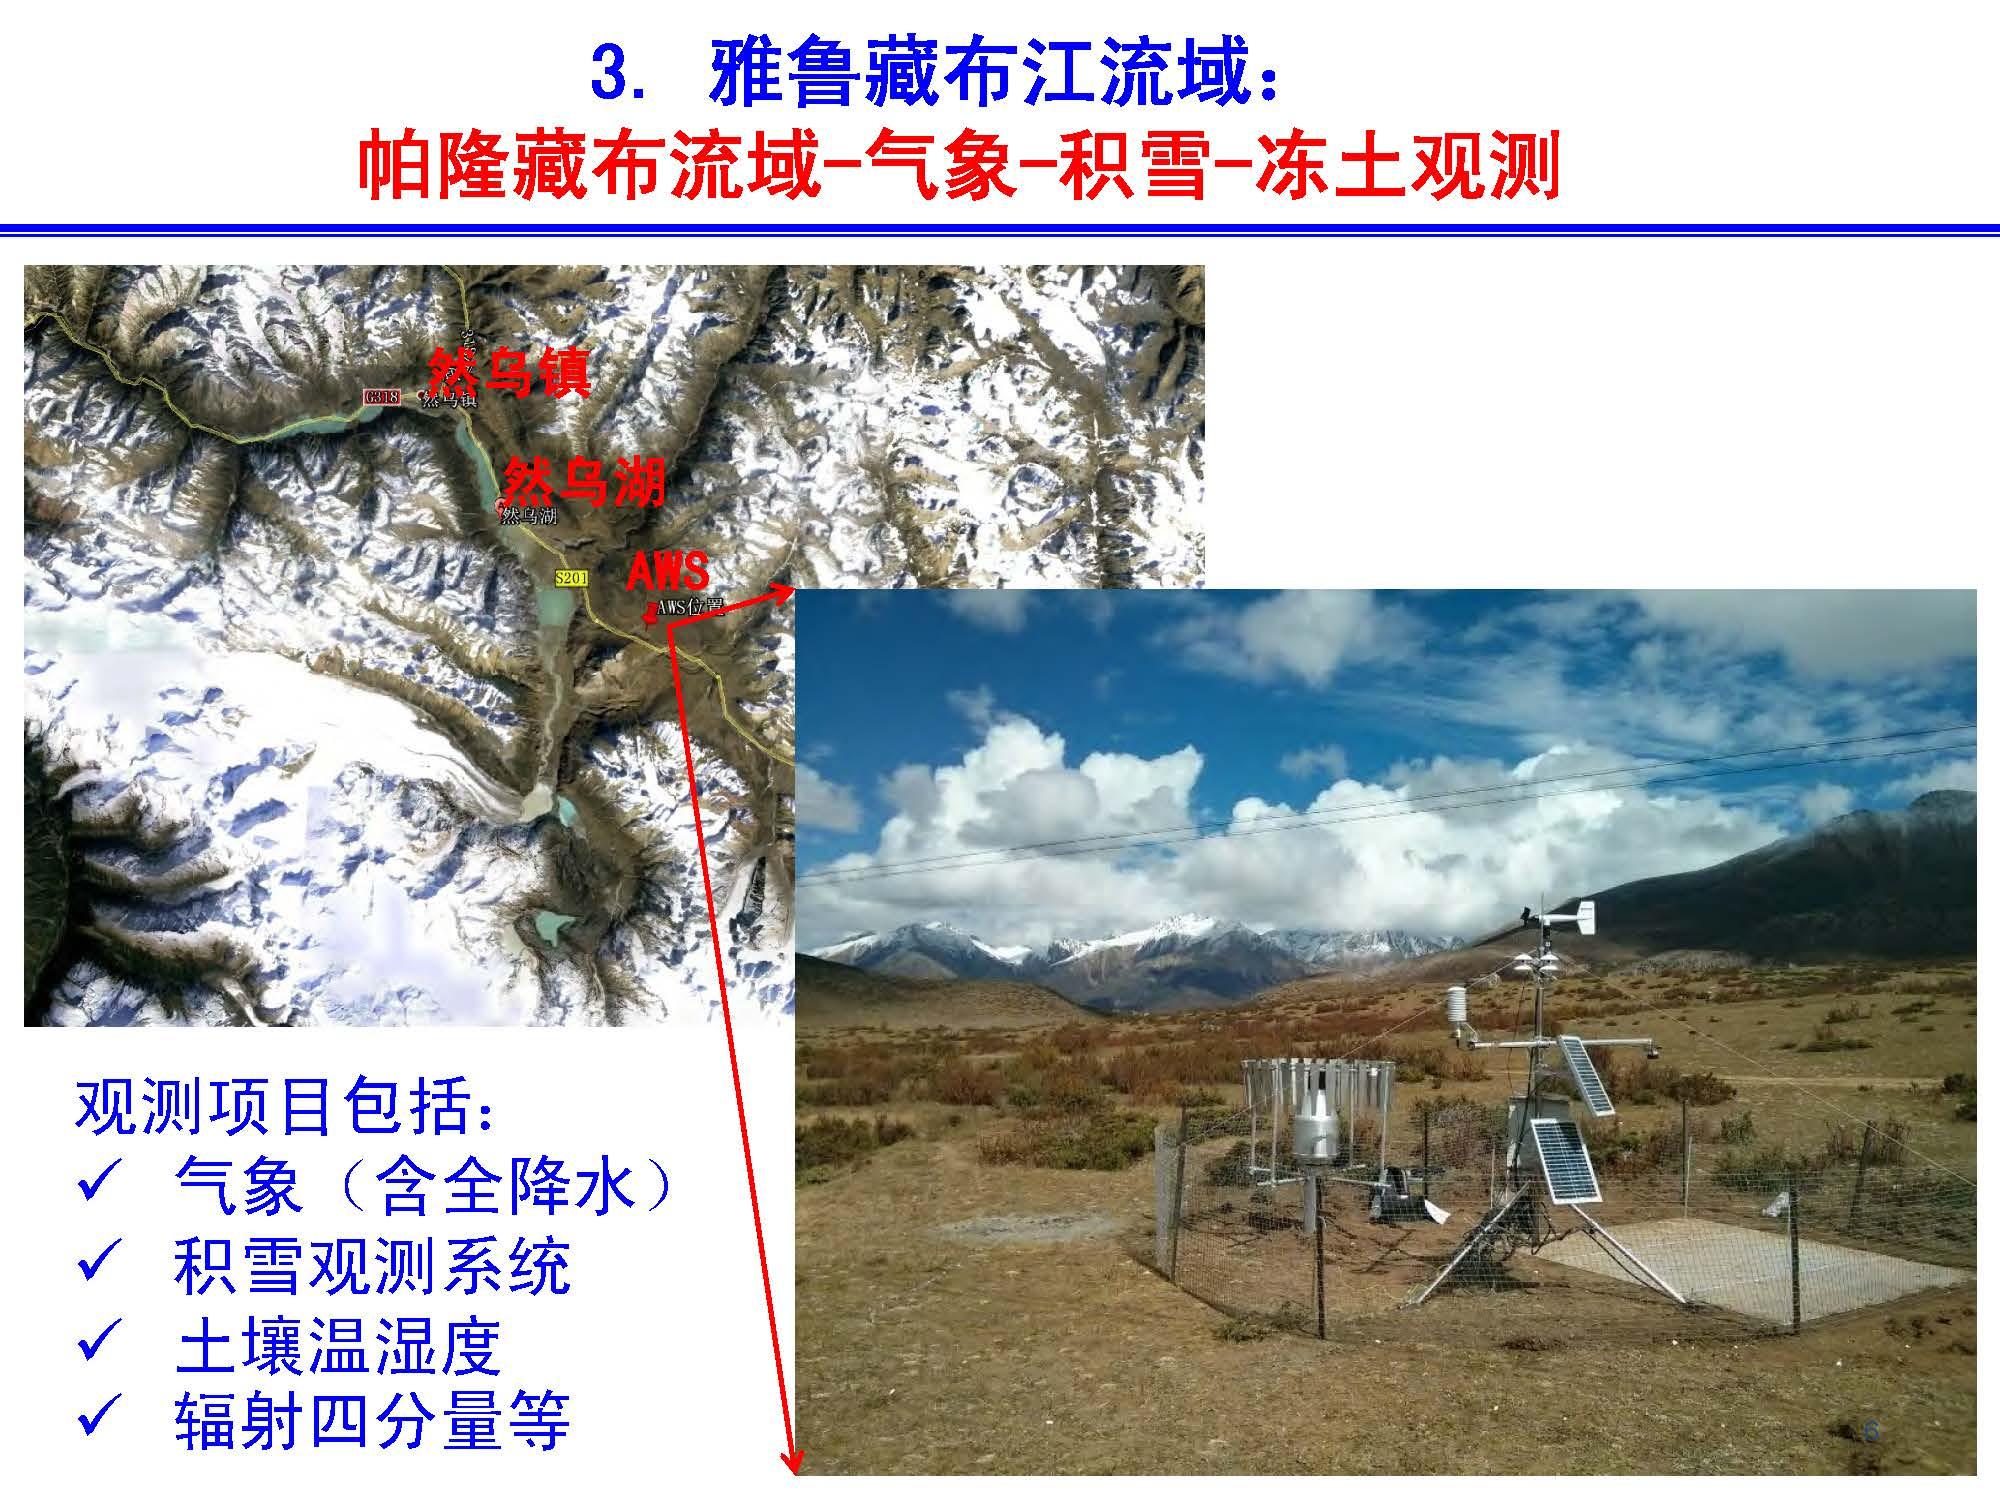 青藏高原|王磊|水文观测|水文模拟|多圈层|WEB-DHM